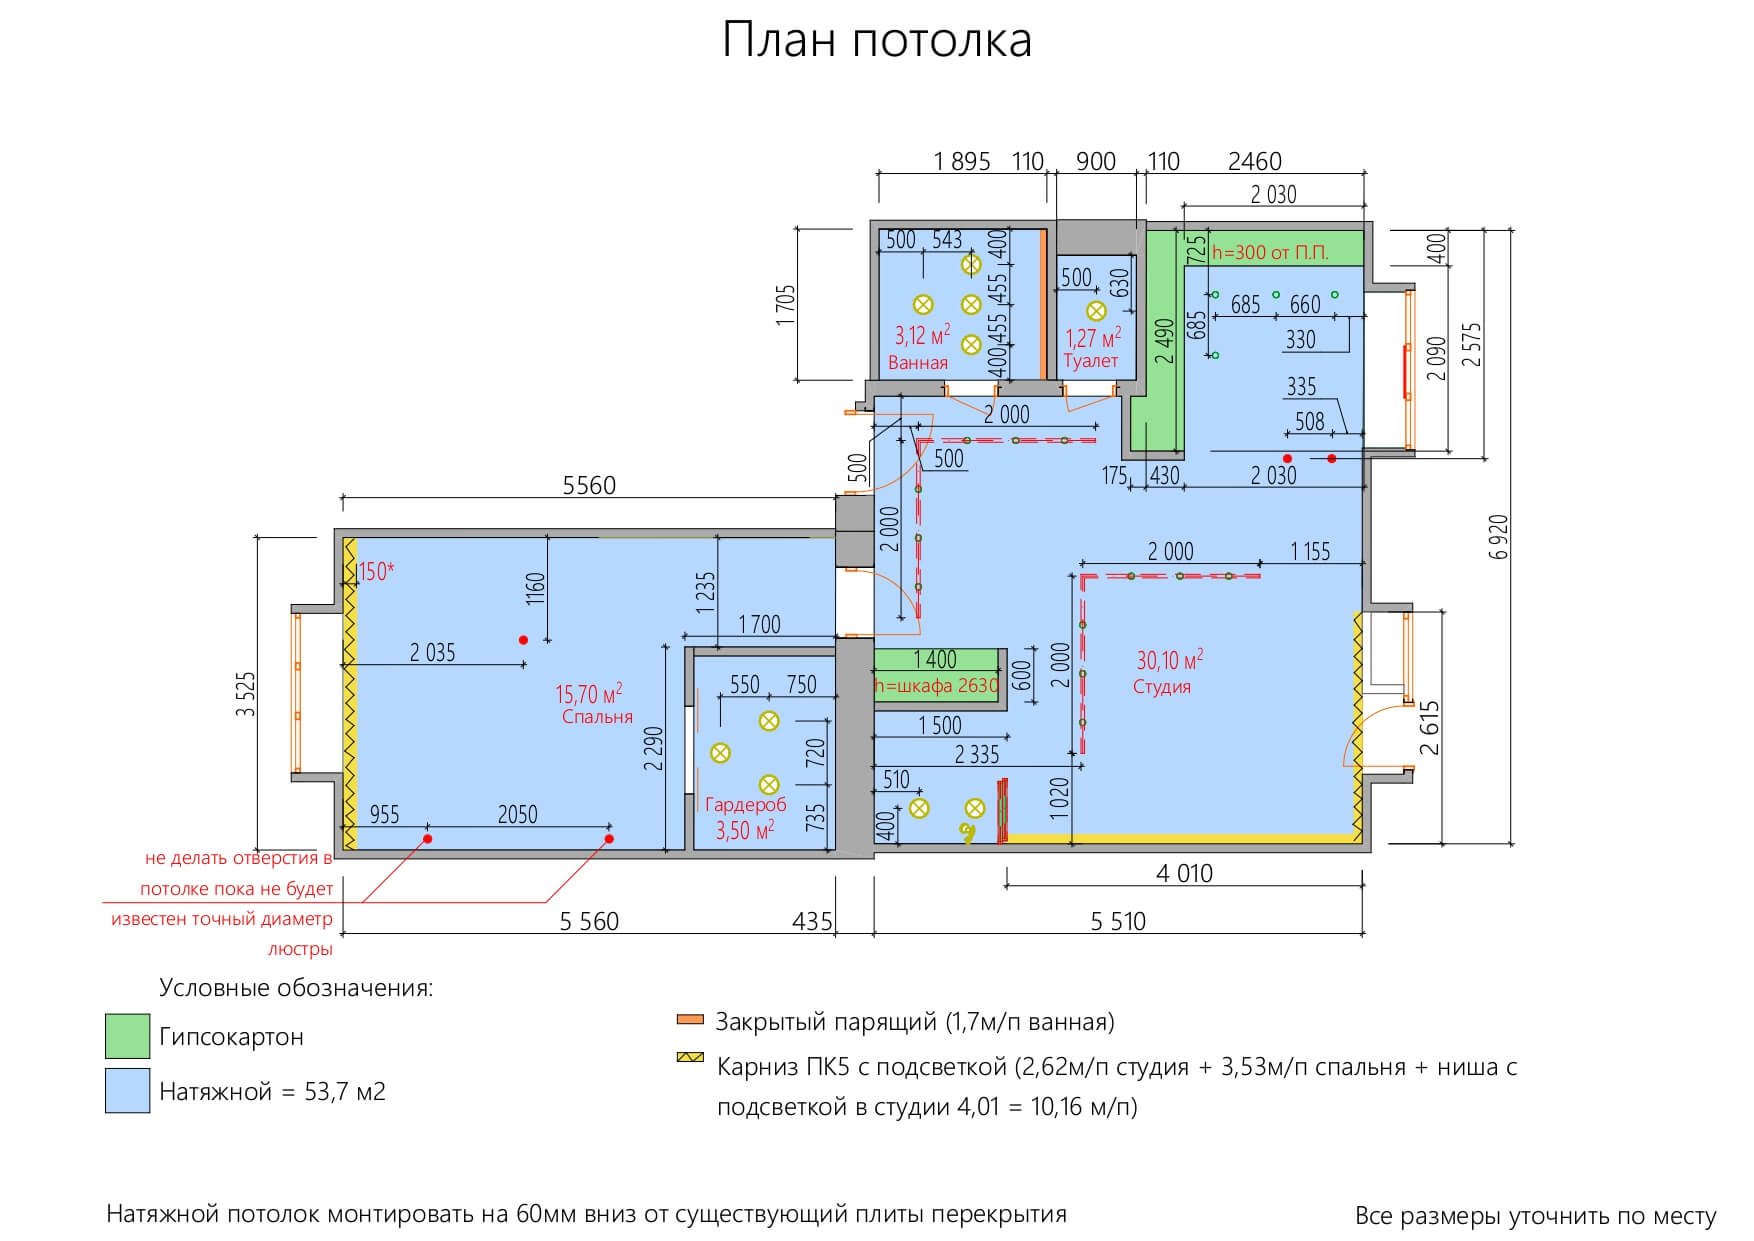 5-А4 План потолка_page-0001